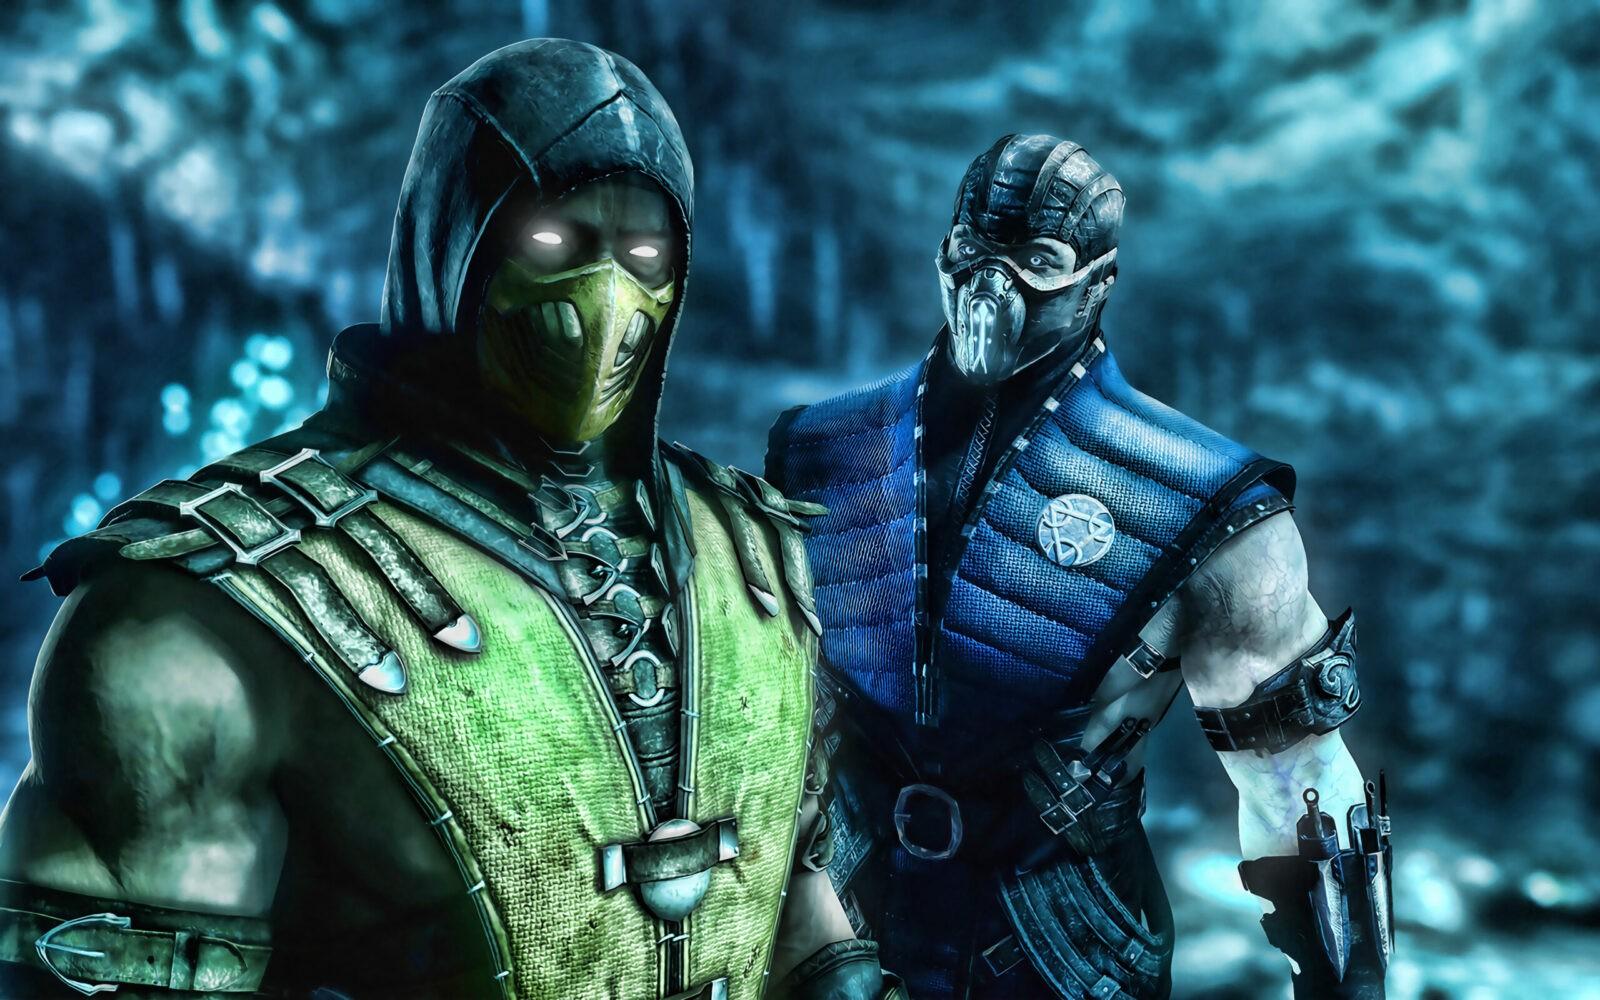 Valve работает над технологией Steam, которая позволит играть в игры во время их скачивания (4k sub zero scorpion mortal kombat x ninja scaled)